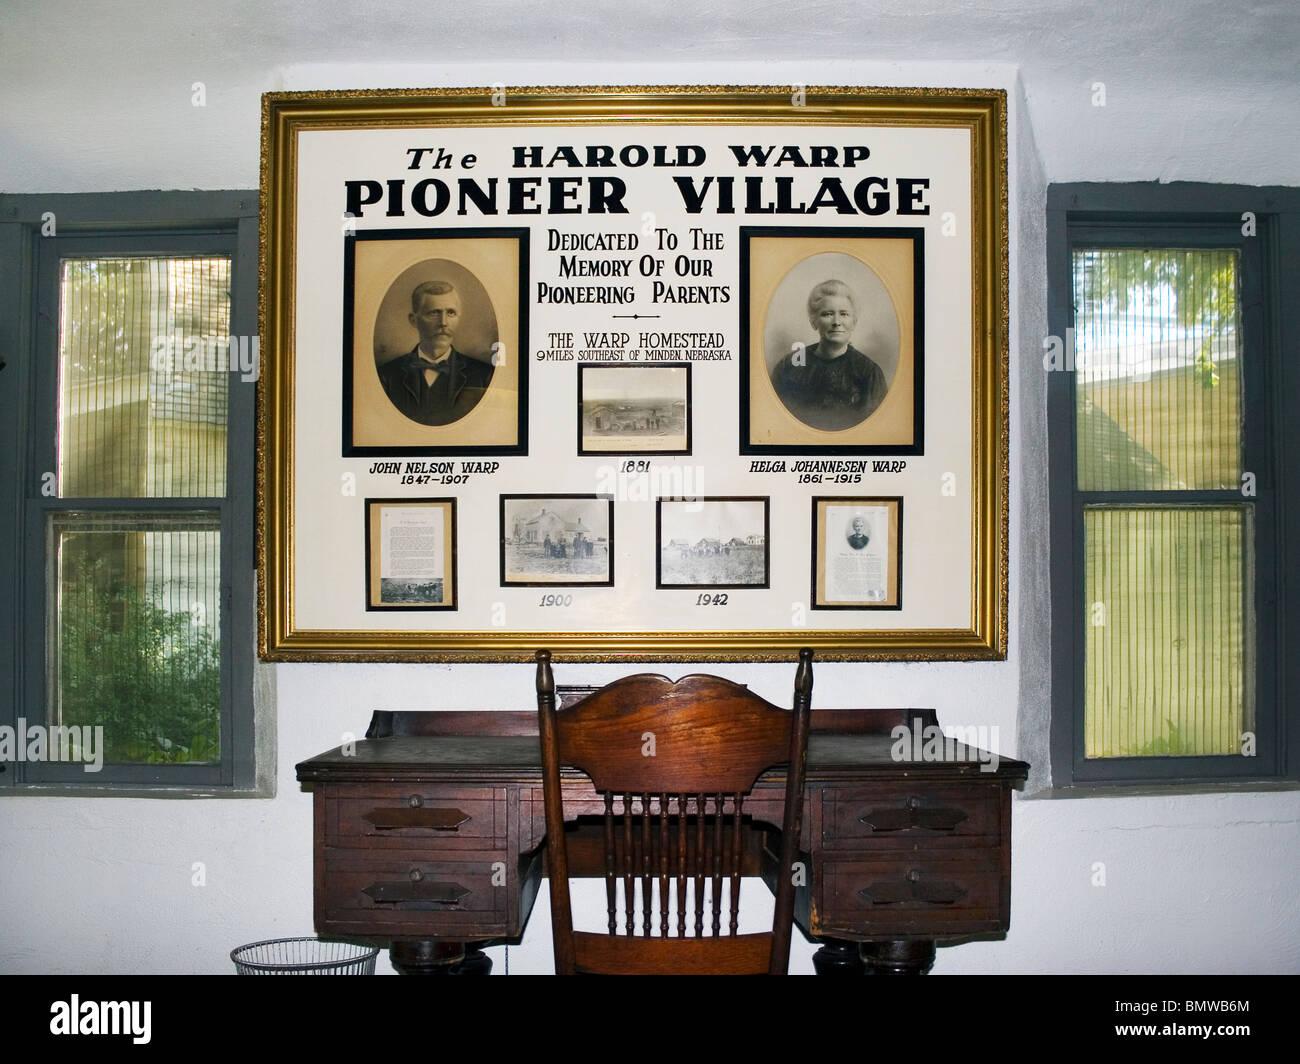 Harold Warp's Pioneer Village in Minden Nebraska. - Stock Image